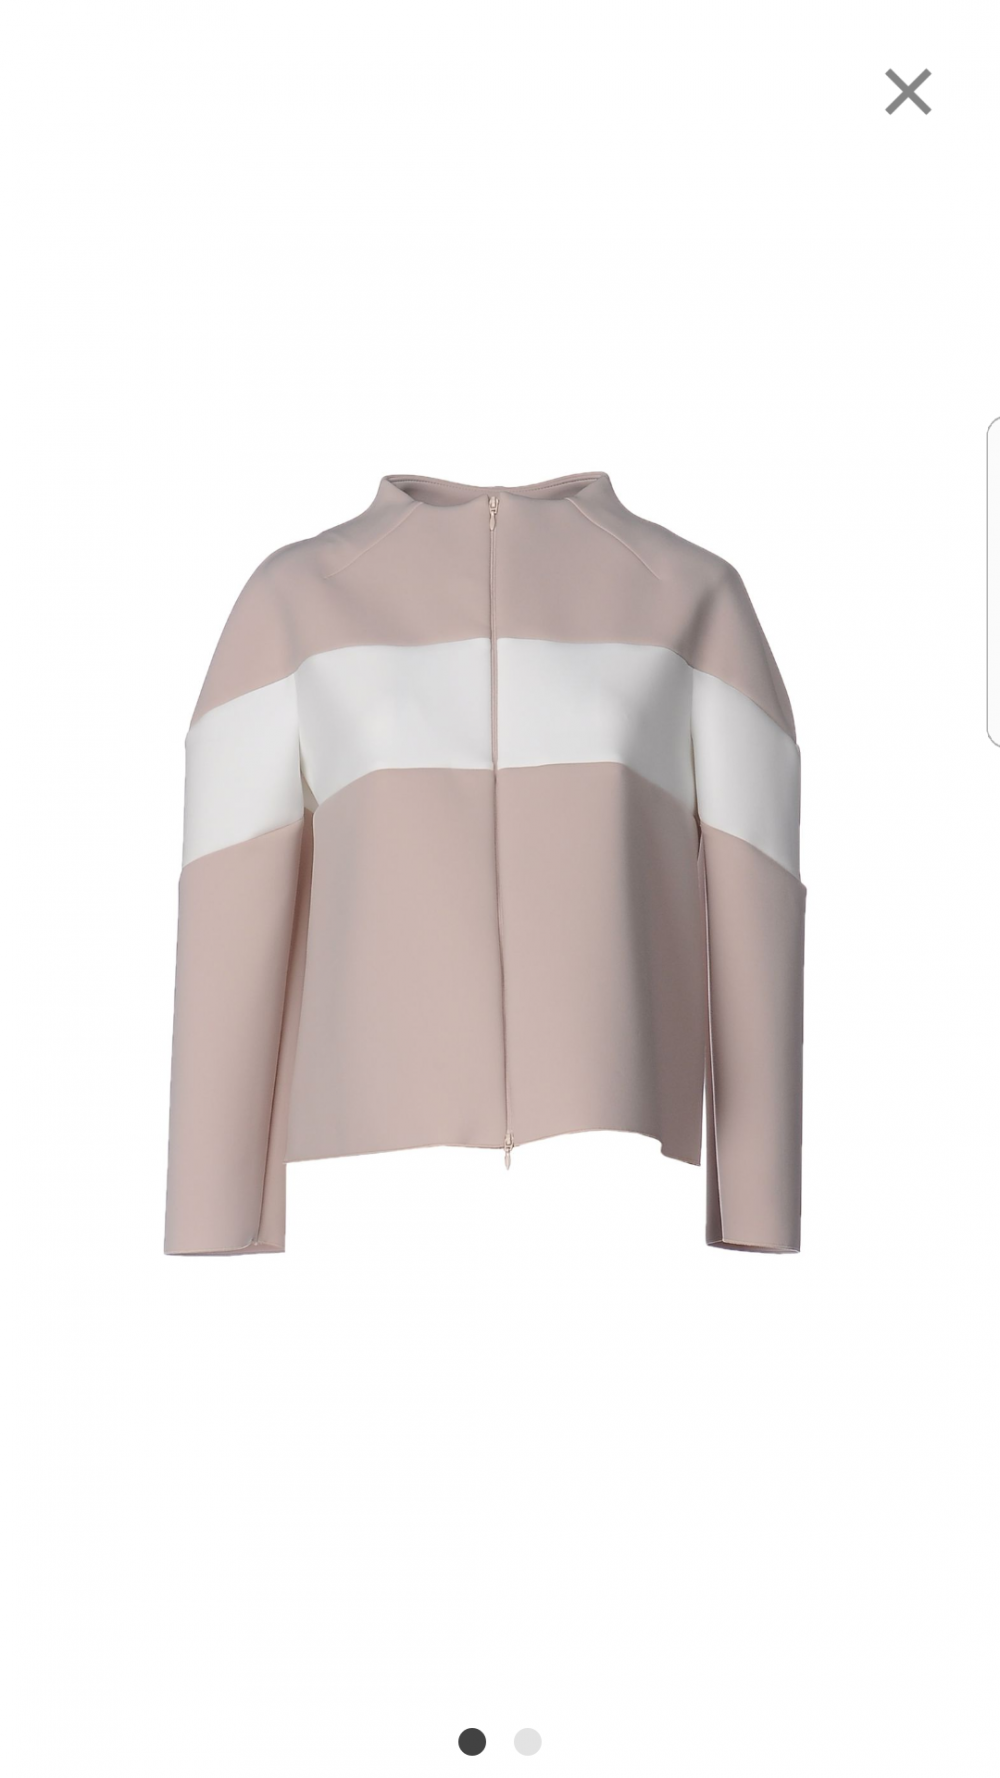 Курточка из неопрена Armani  Collezioni, размер 40 it (42-44)